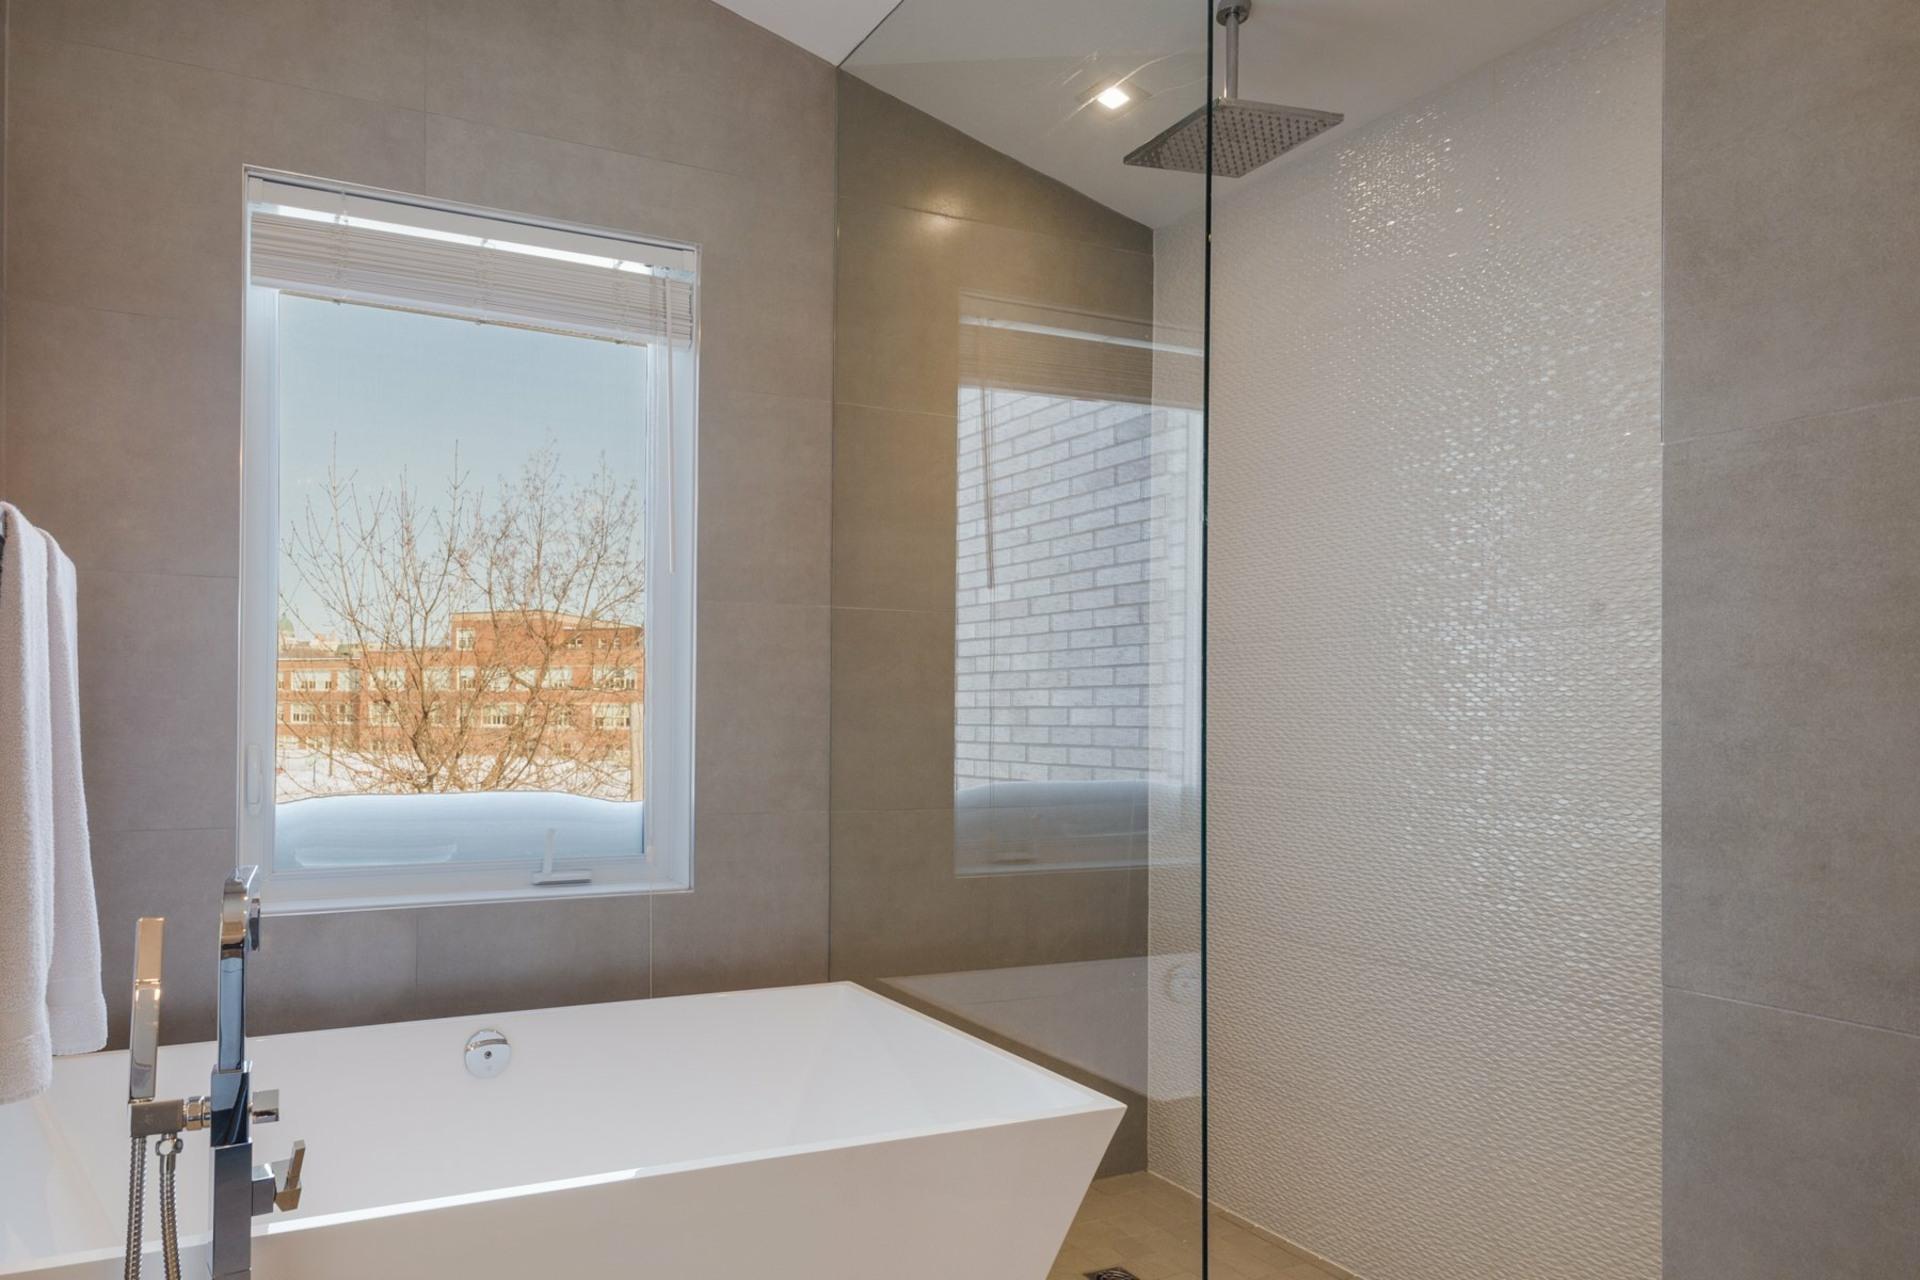 image 25 - House For sale Montréal Côte-des-Neiges/Notre-Dame-de-Grâce  - 9 rooms